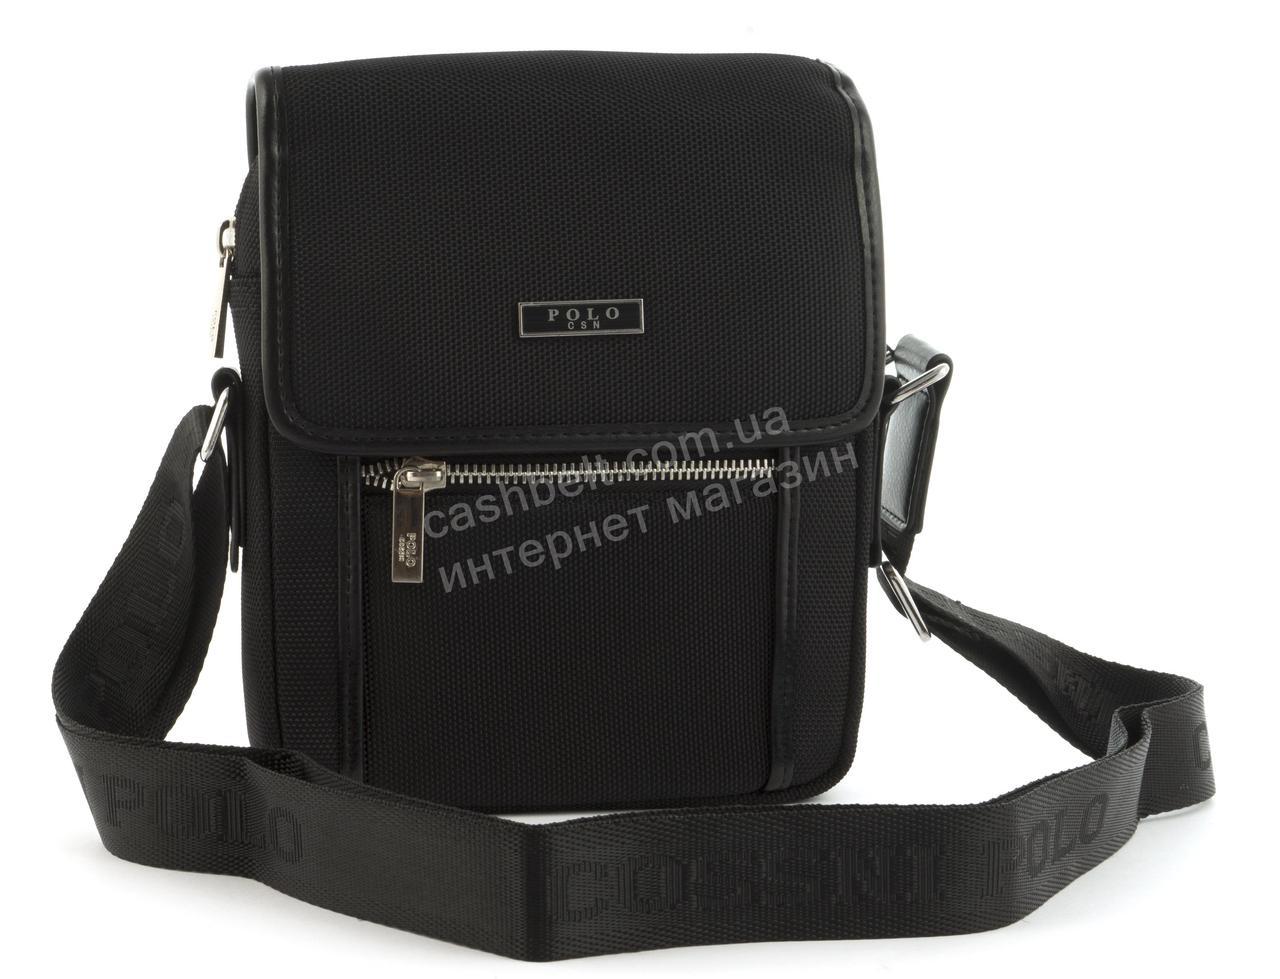 Очень прочная тканевая мужская небольшая наплечная сумка POLO art. 665-2 черная